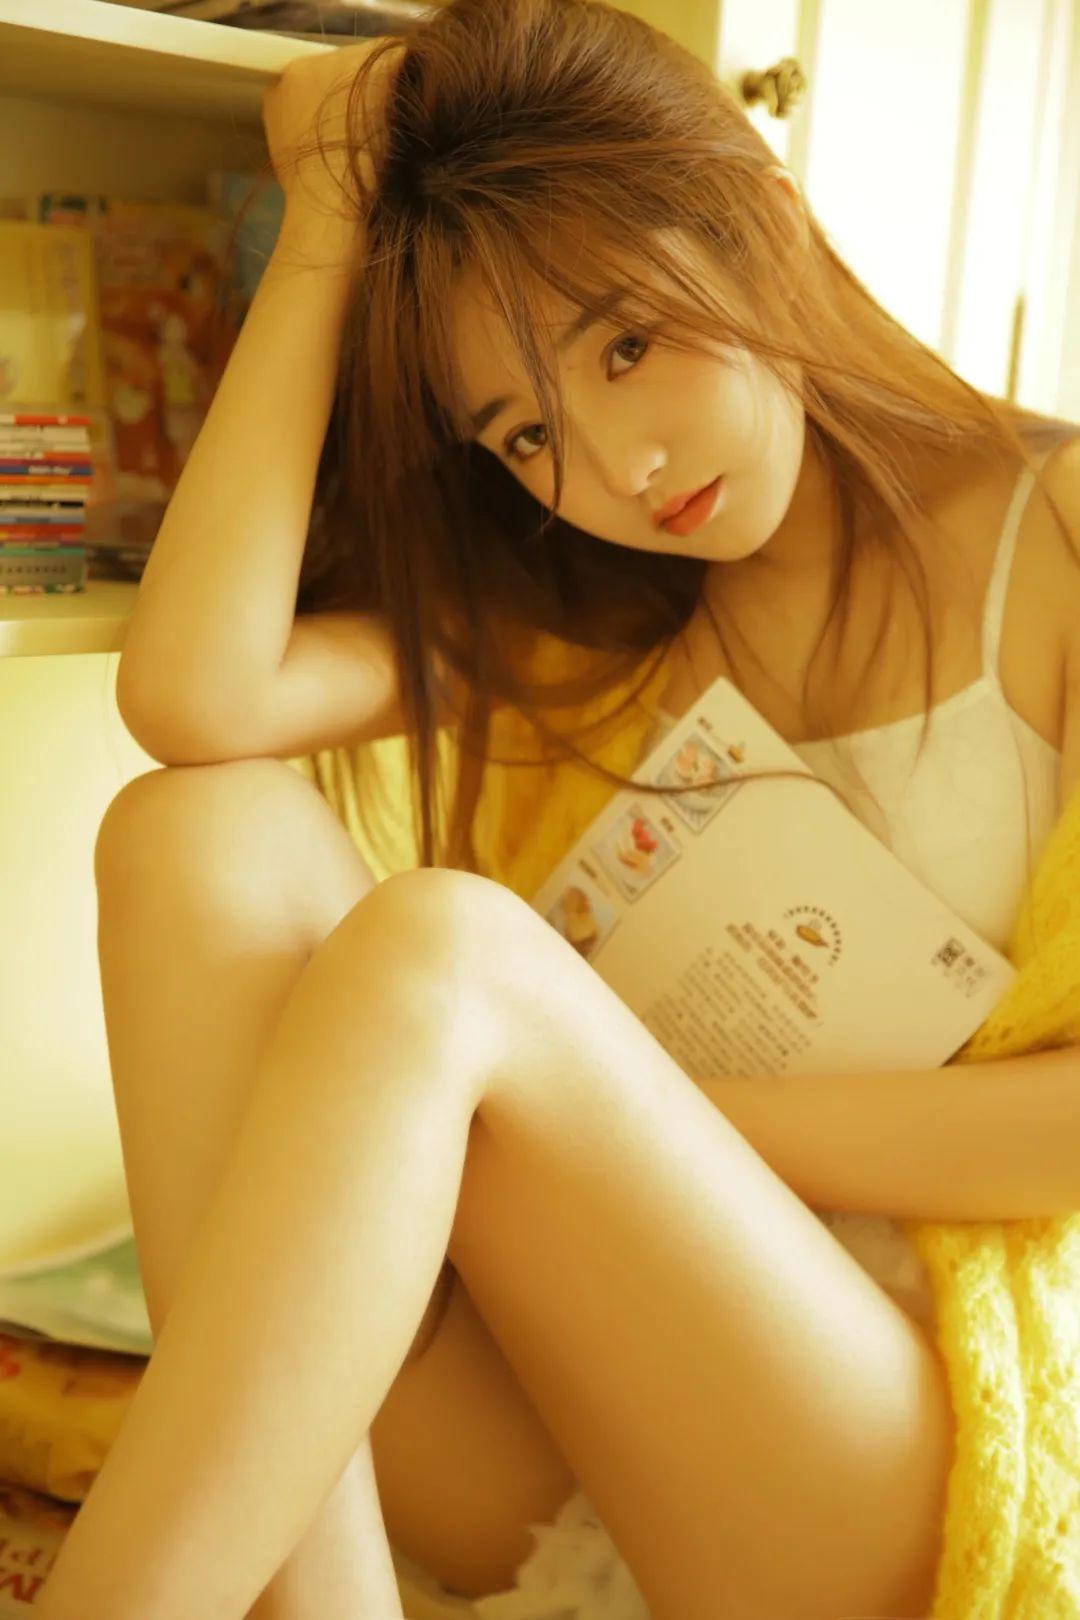 妹子摄影 – 淡黄的毛衣,修长的玉腿,治愈系美少女_图片 No.9